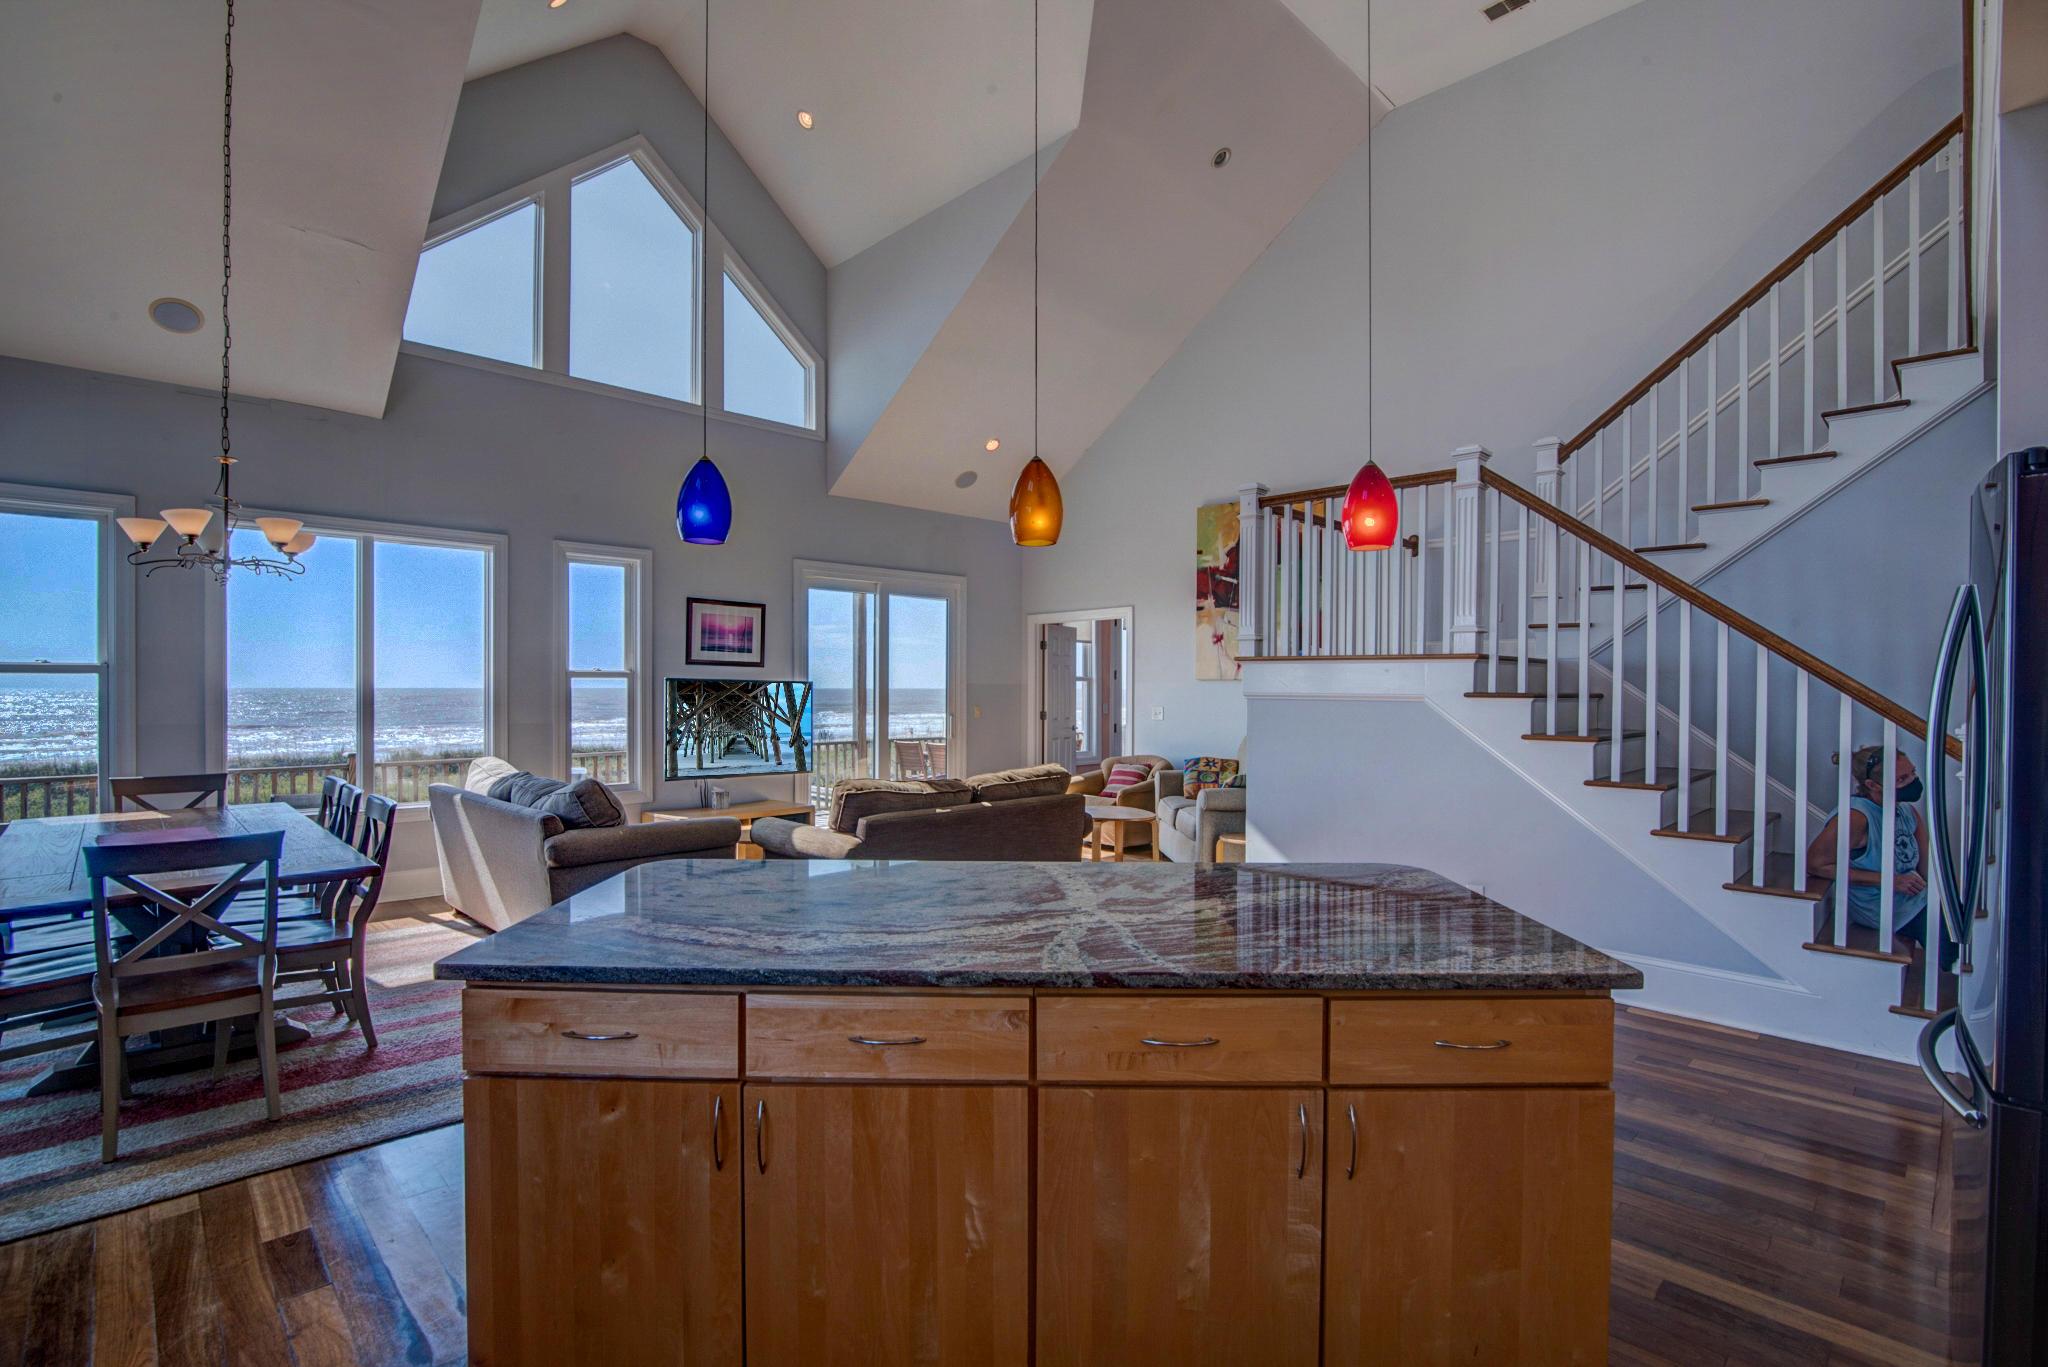 Folly Beach Homes For Sale - 319 Arctic, Folly Beach, SC - 9